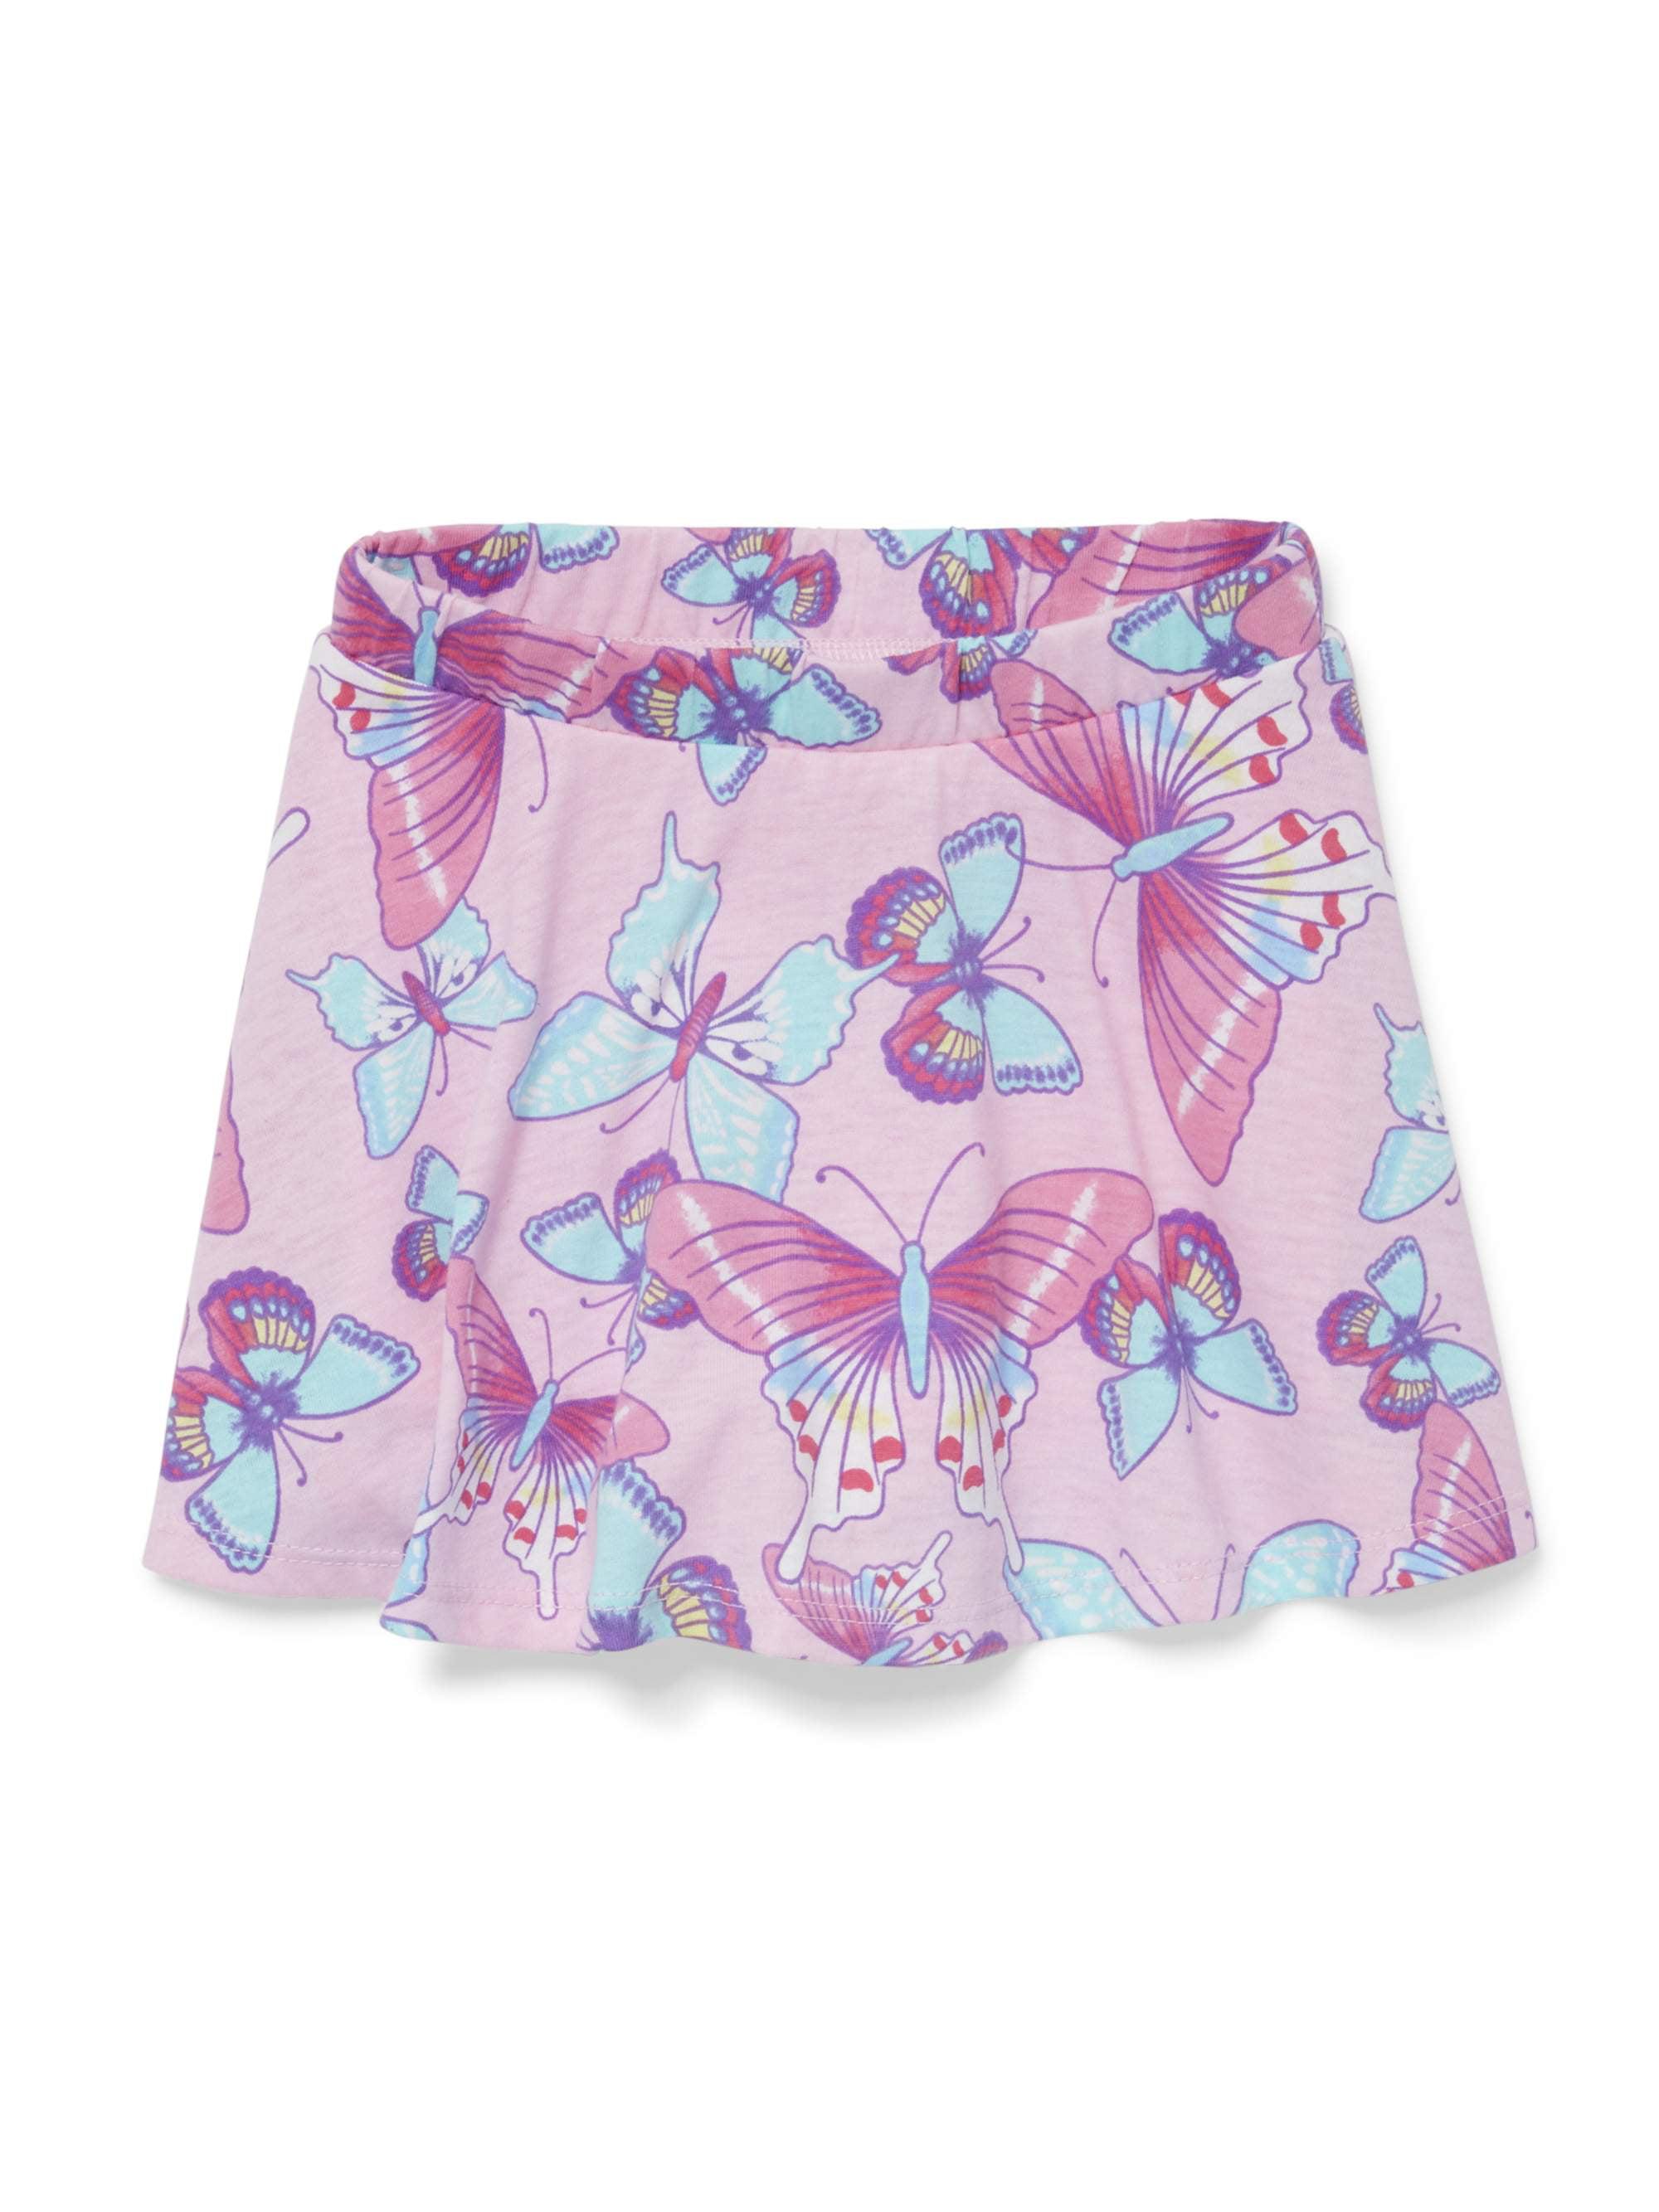 Printed Knit Skort (Baby Girls & Toddler Girls)